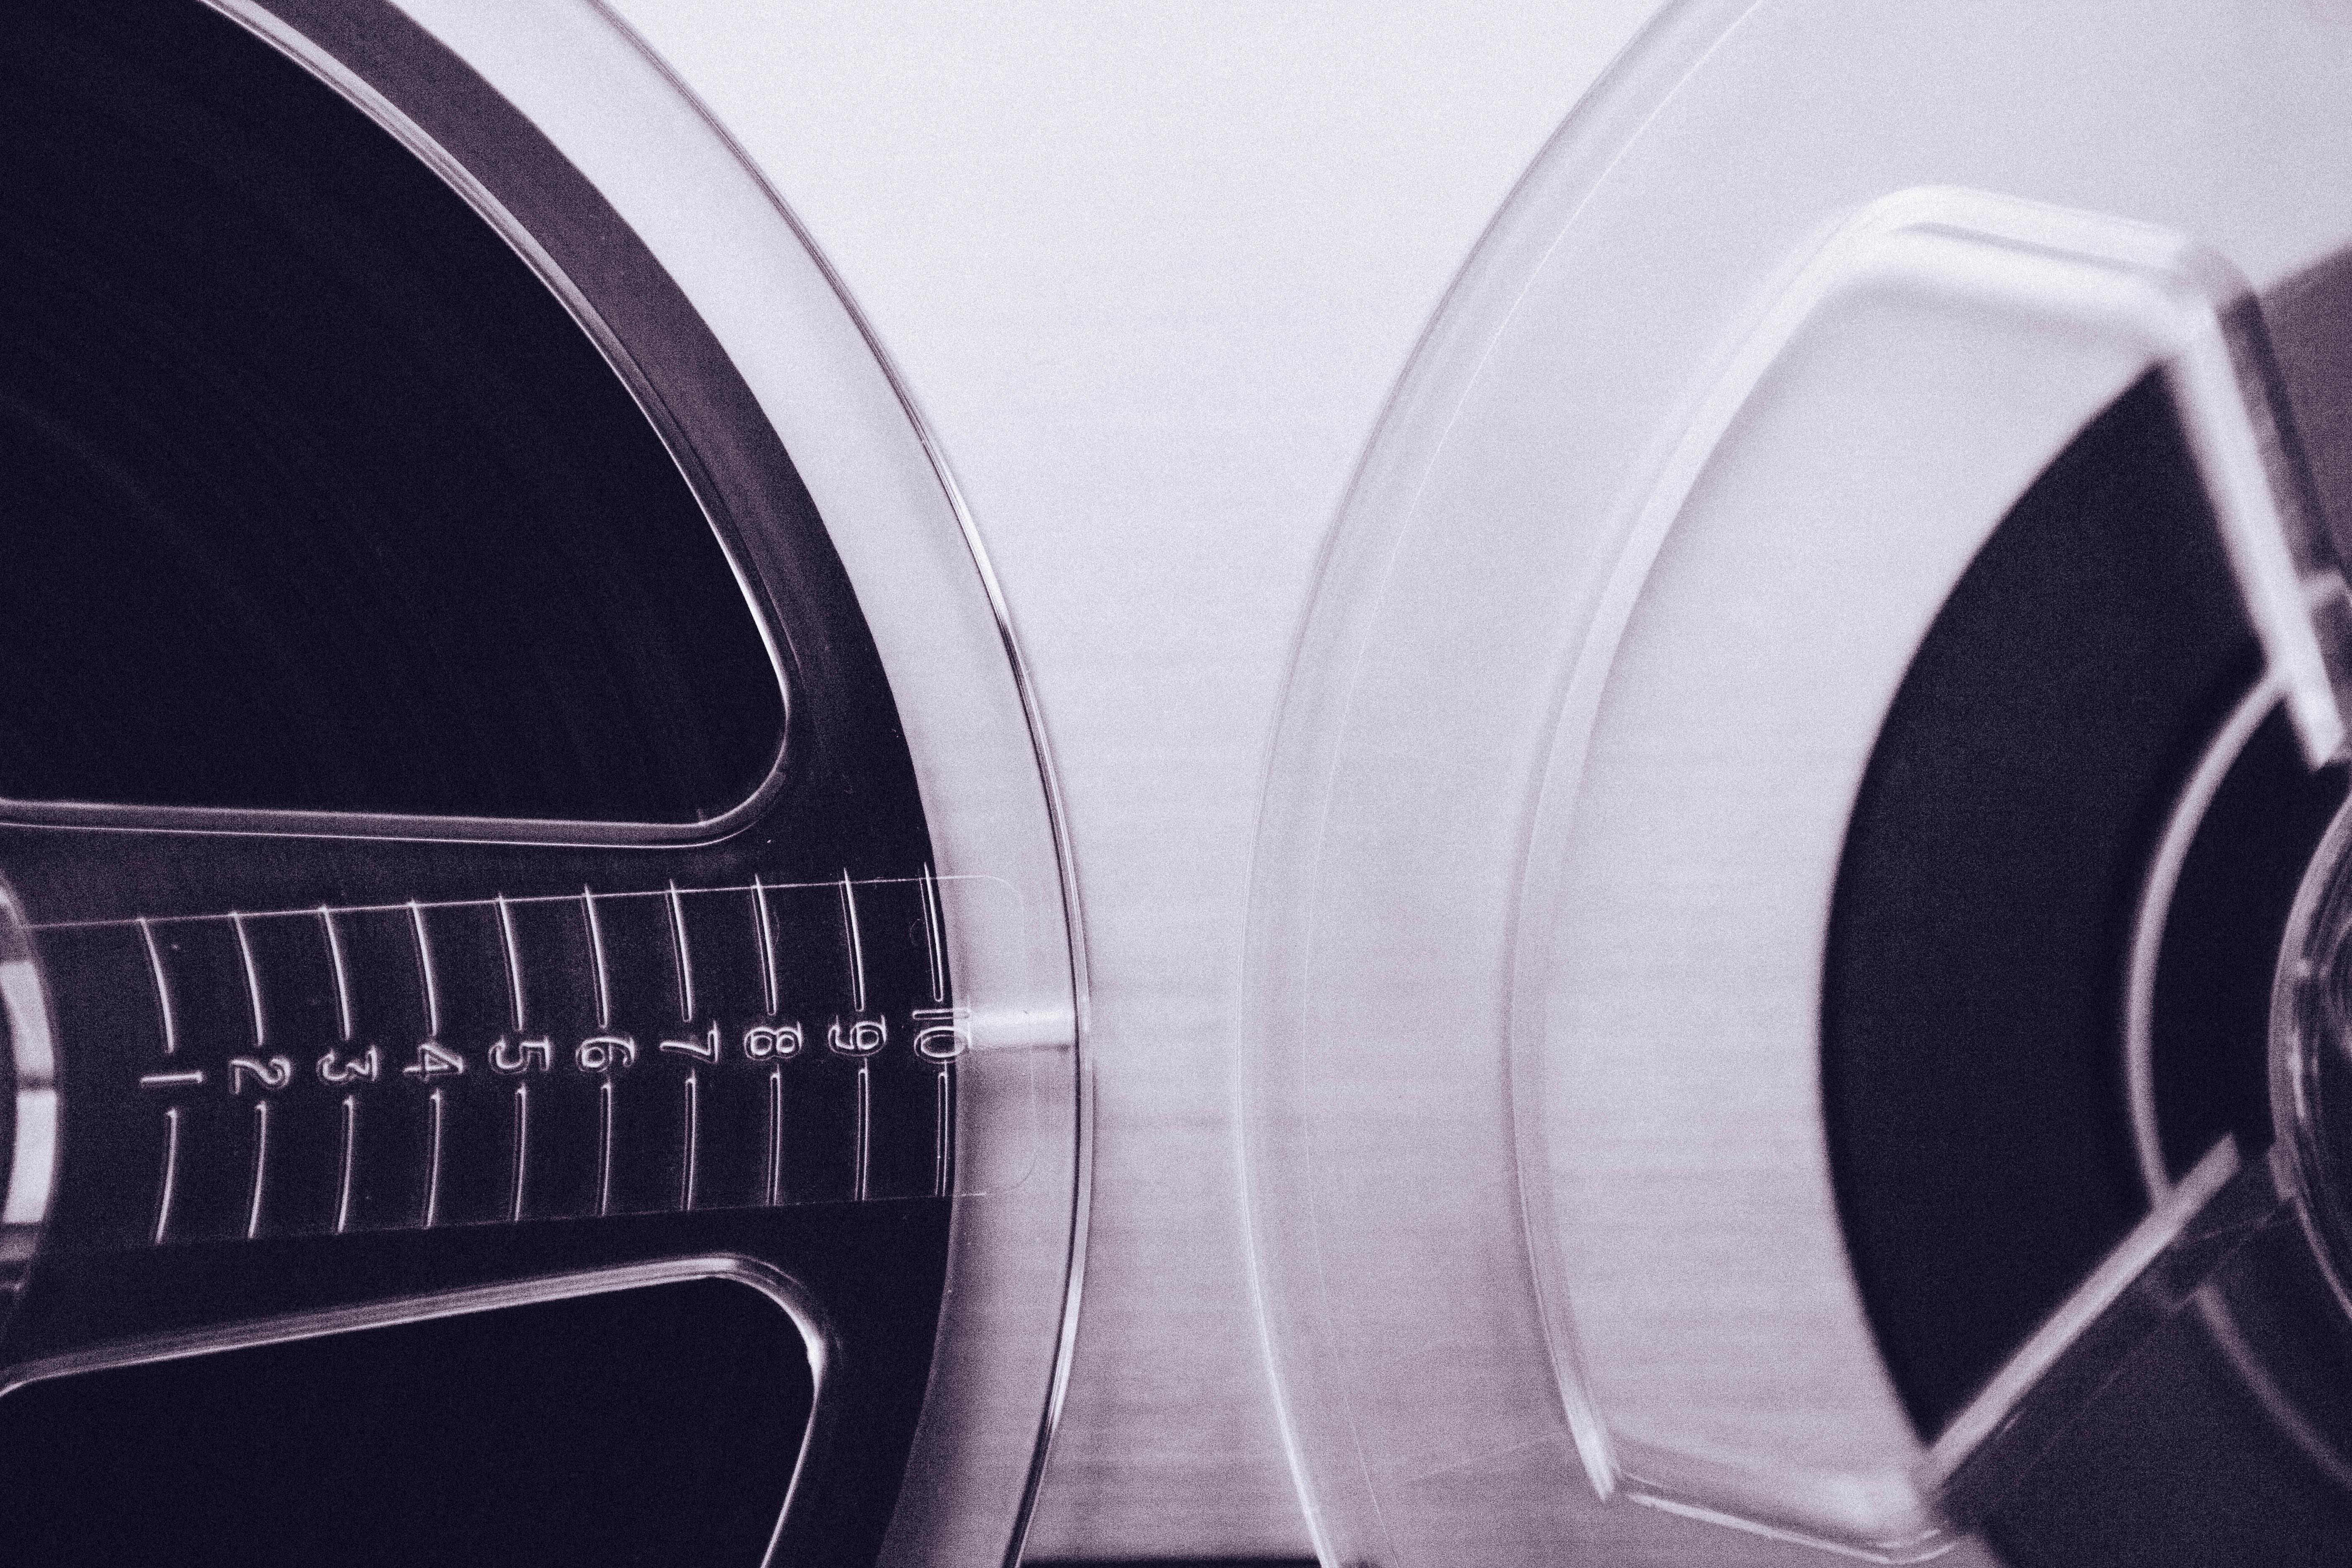 blanco rueda artilugio negro brazo circulo audio auriculares multimedia estudio de musica equipo de sonido